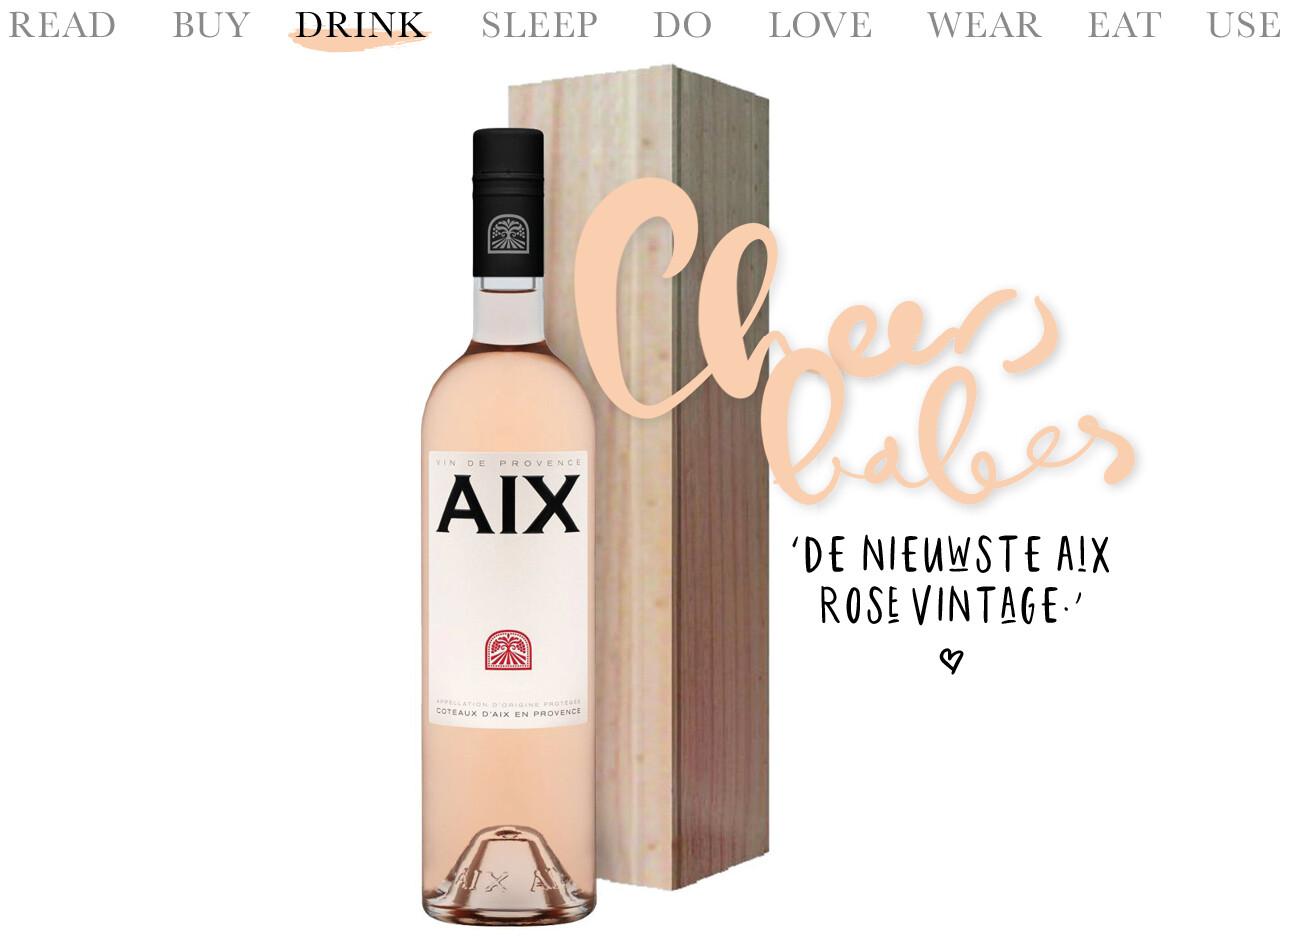 Aix Provence vintage 2020